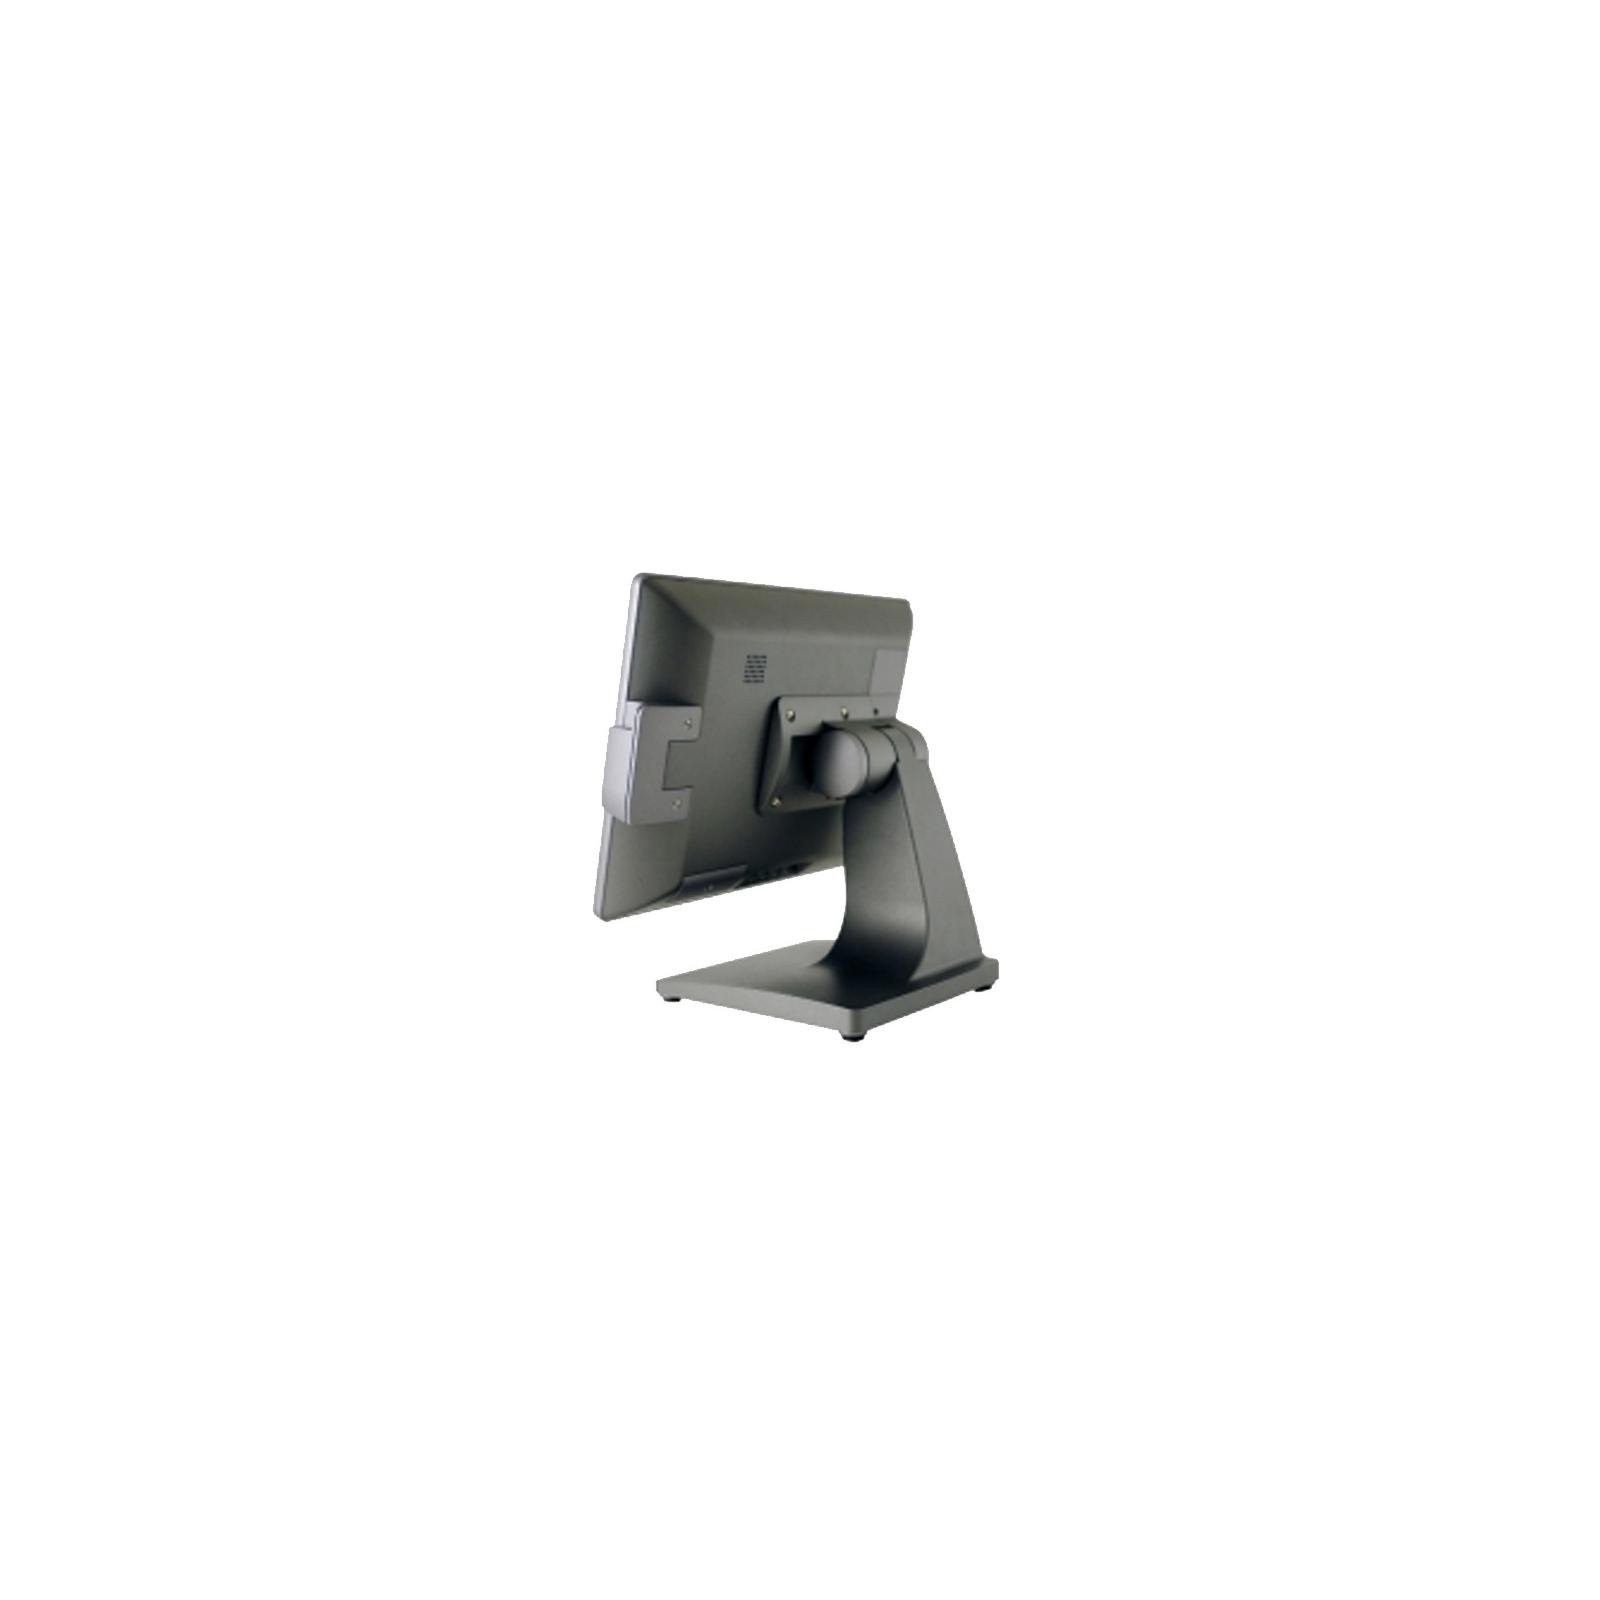 POS-монитор VenPOS OTEKSYS M467 (M467) изображение 2